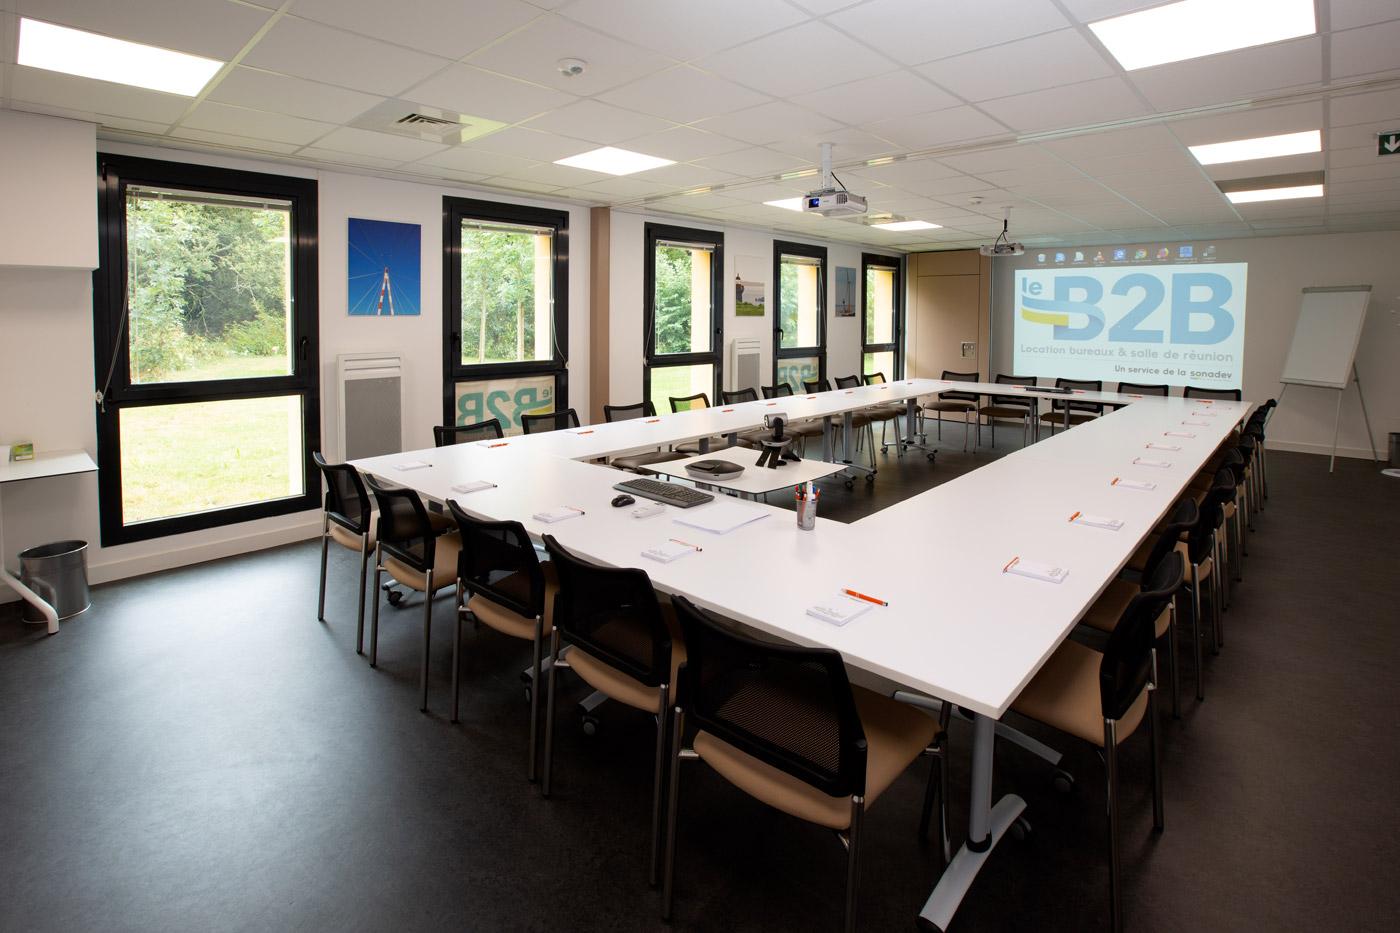 brancher à la réunion de classe